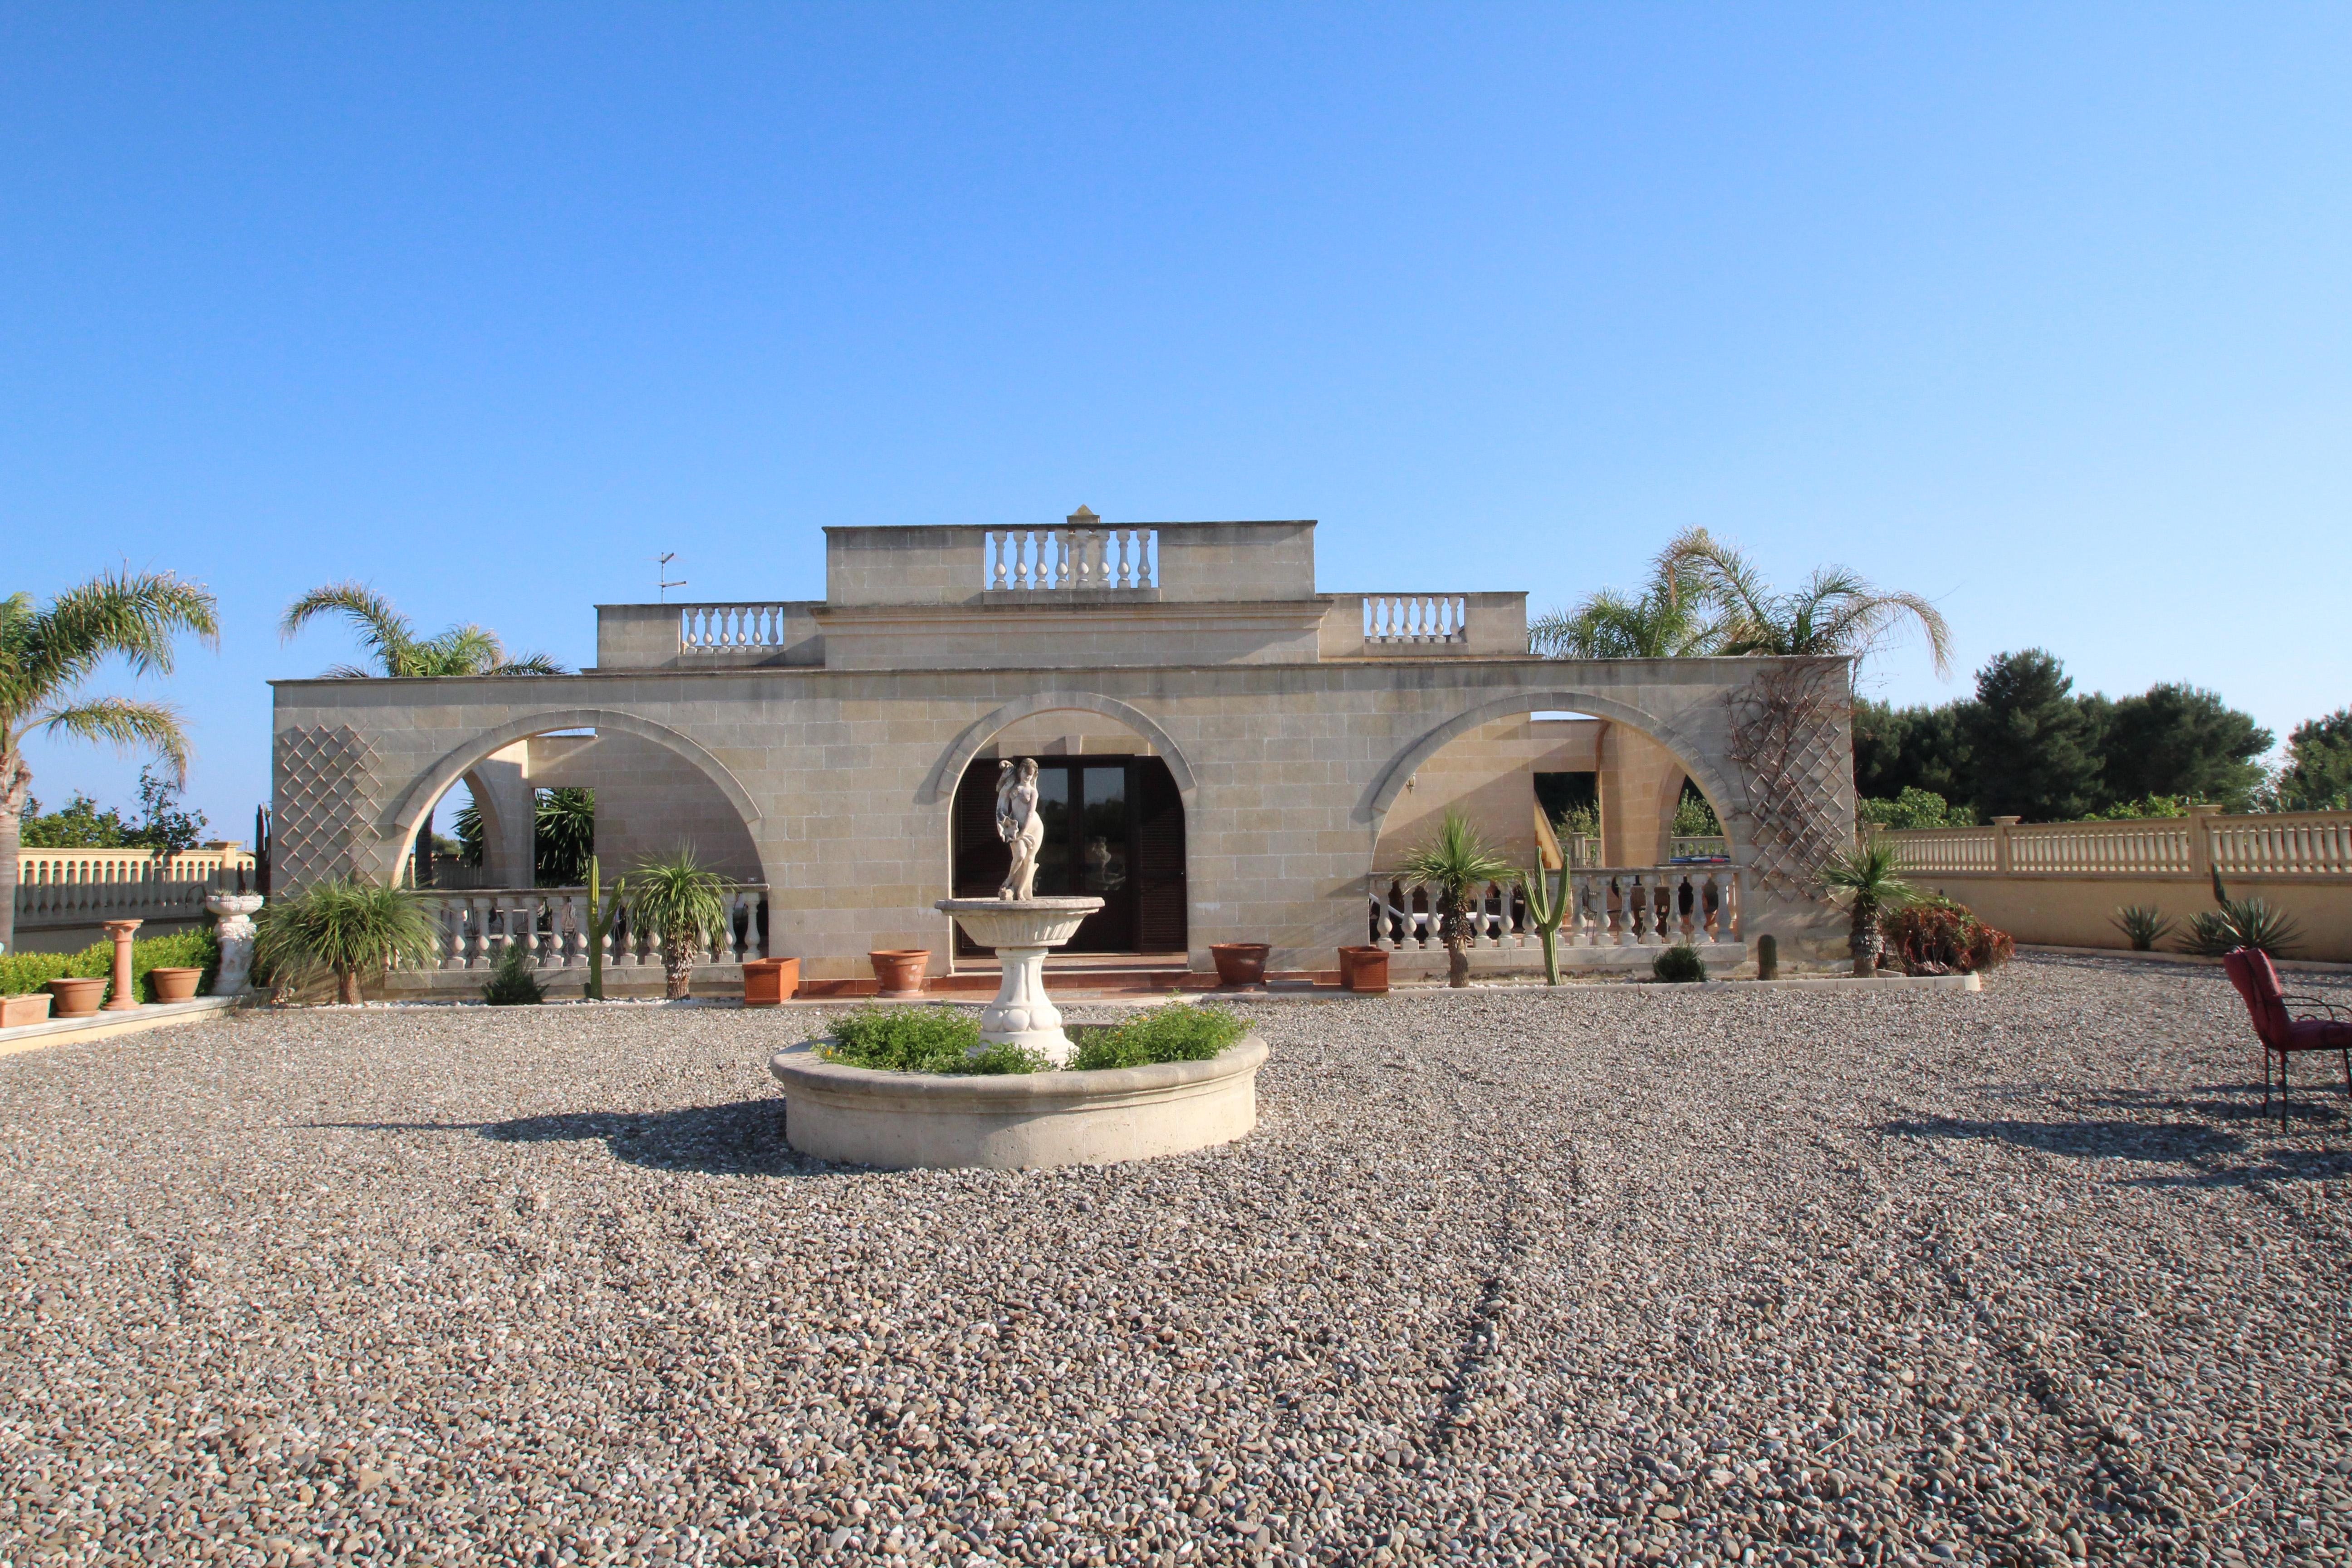 Puglia-Salento, Italia Case & appartamenti di vacanza | Interhome